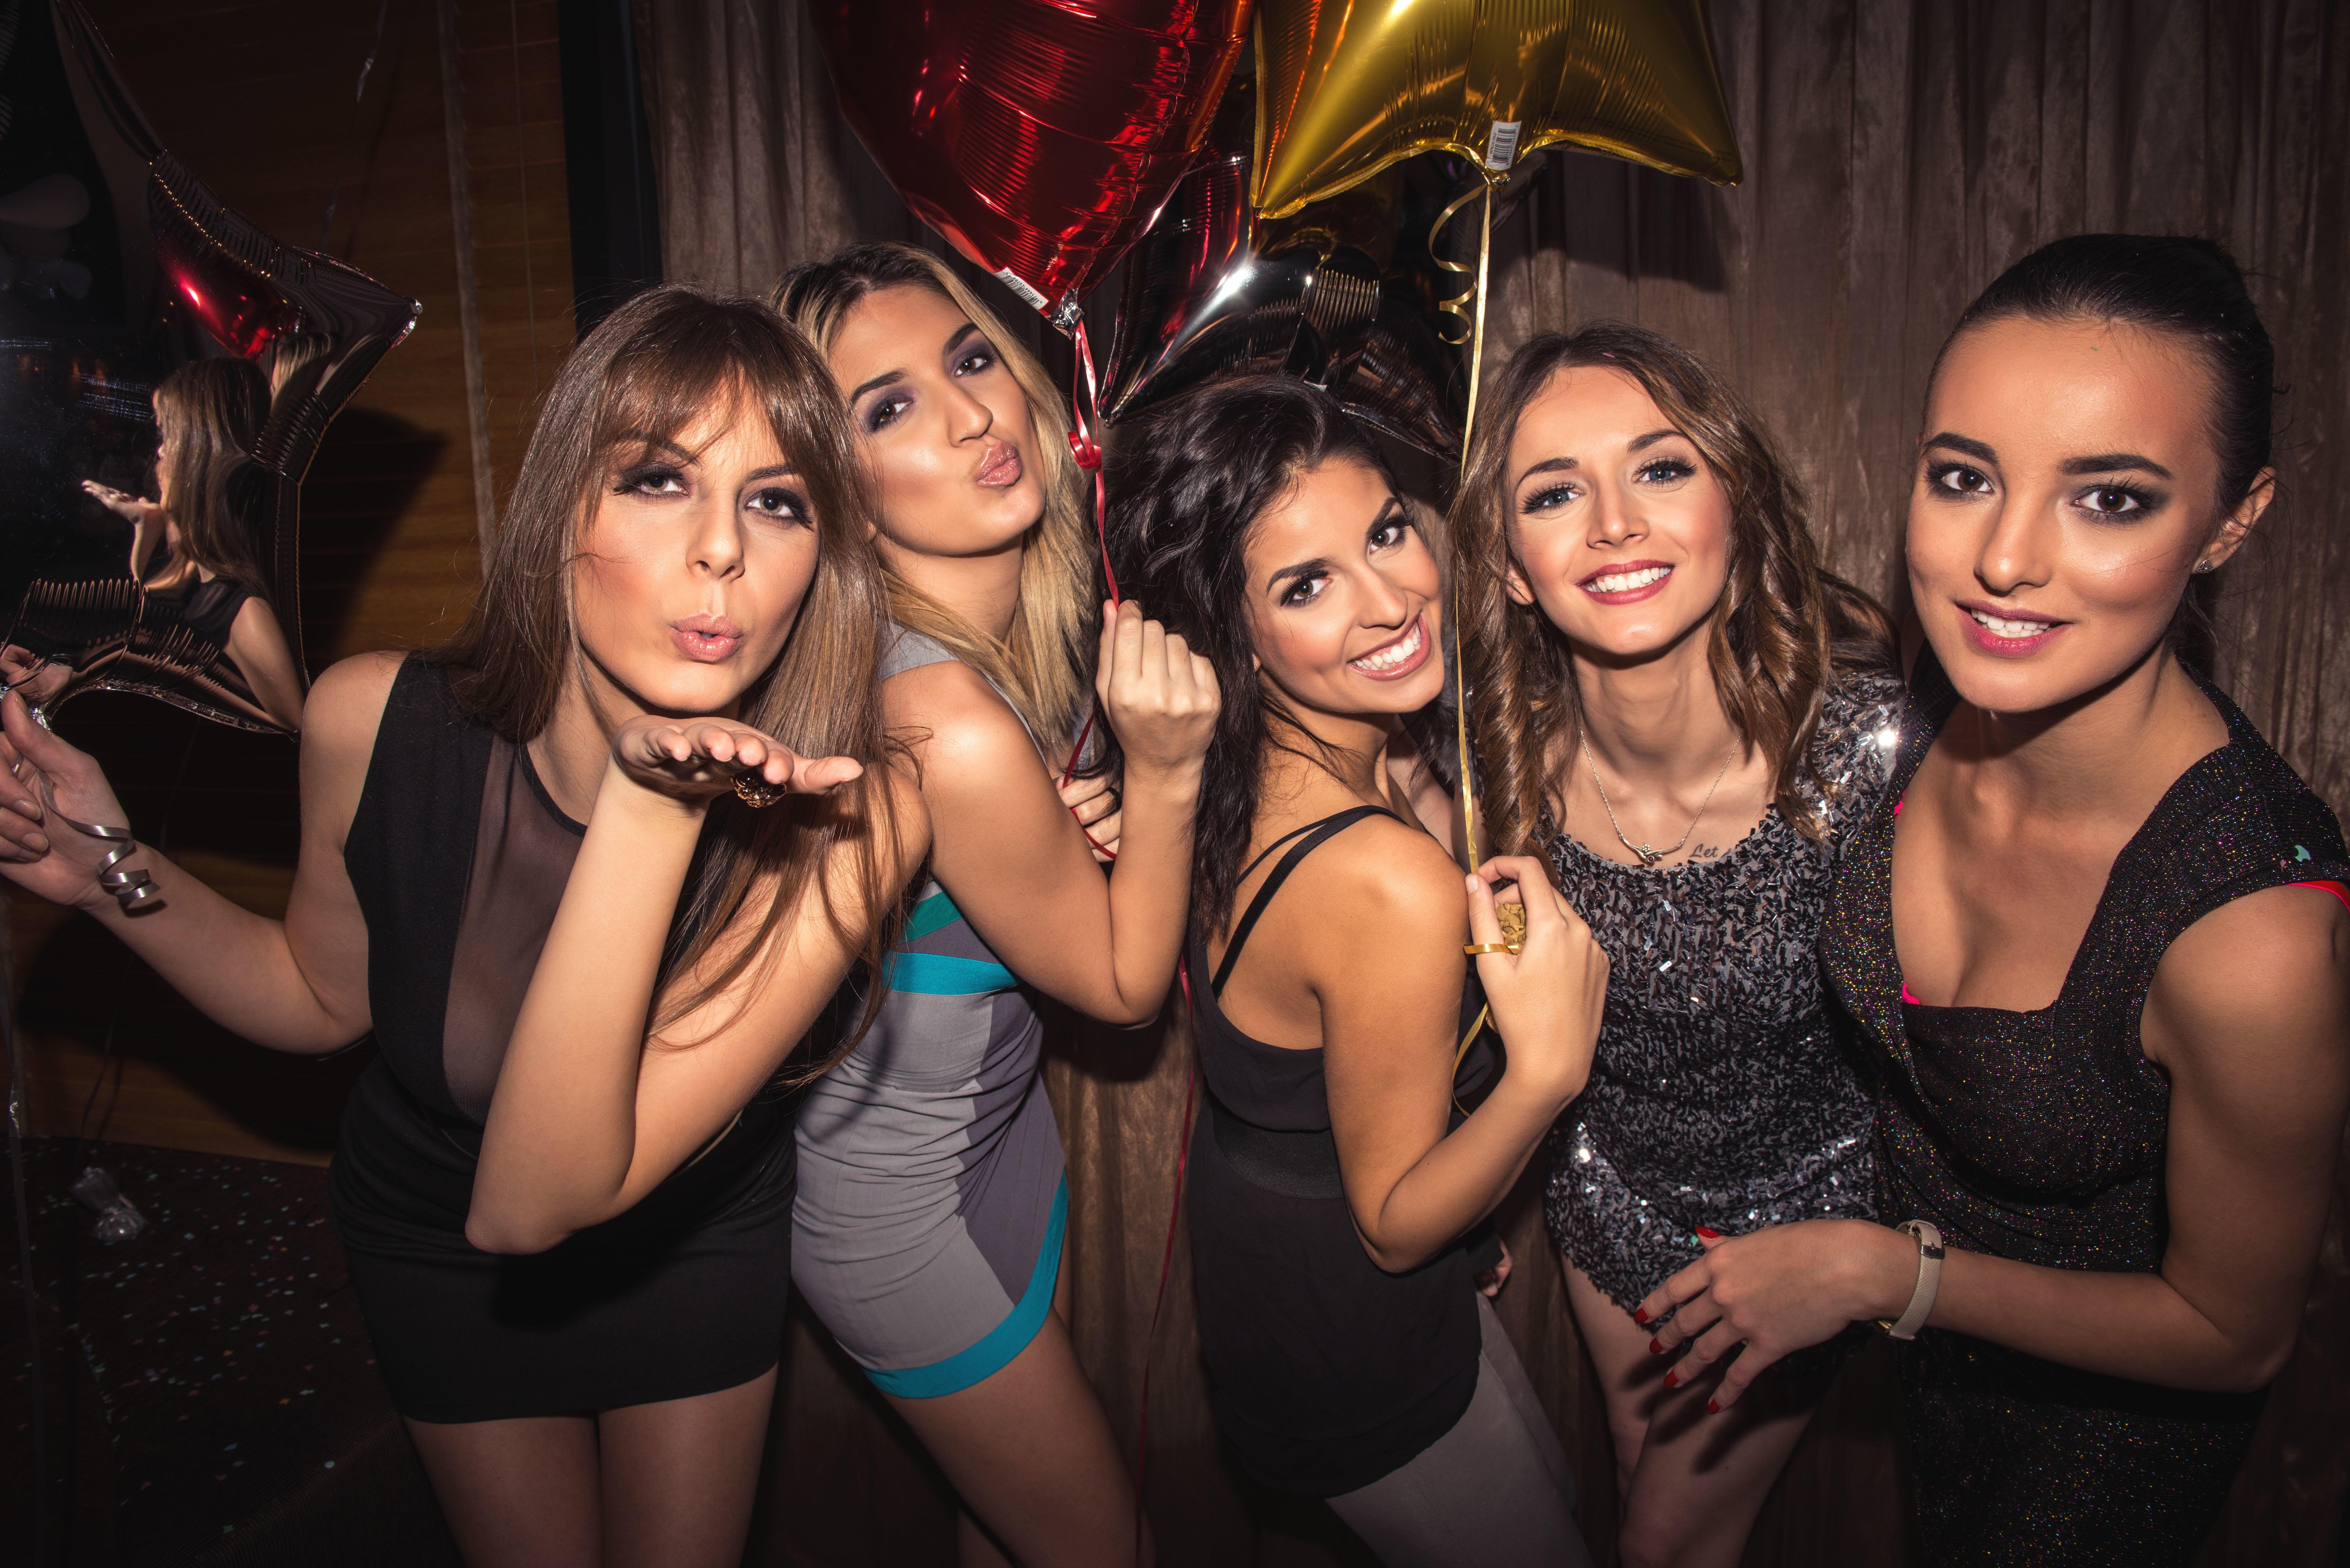 LIVET ER EN FEST: Ifølge en britisk spørreundersøkelse burde du slutte å dra på nattklubb etter fylte 37 år.